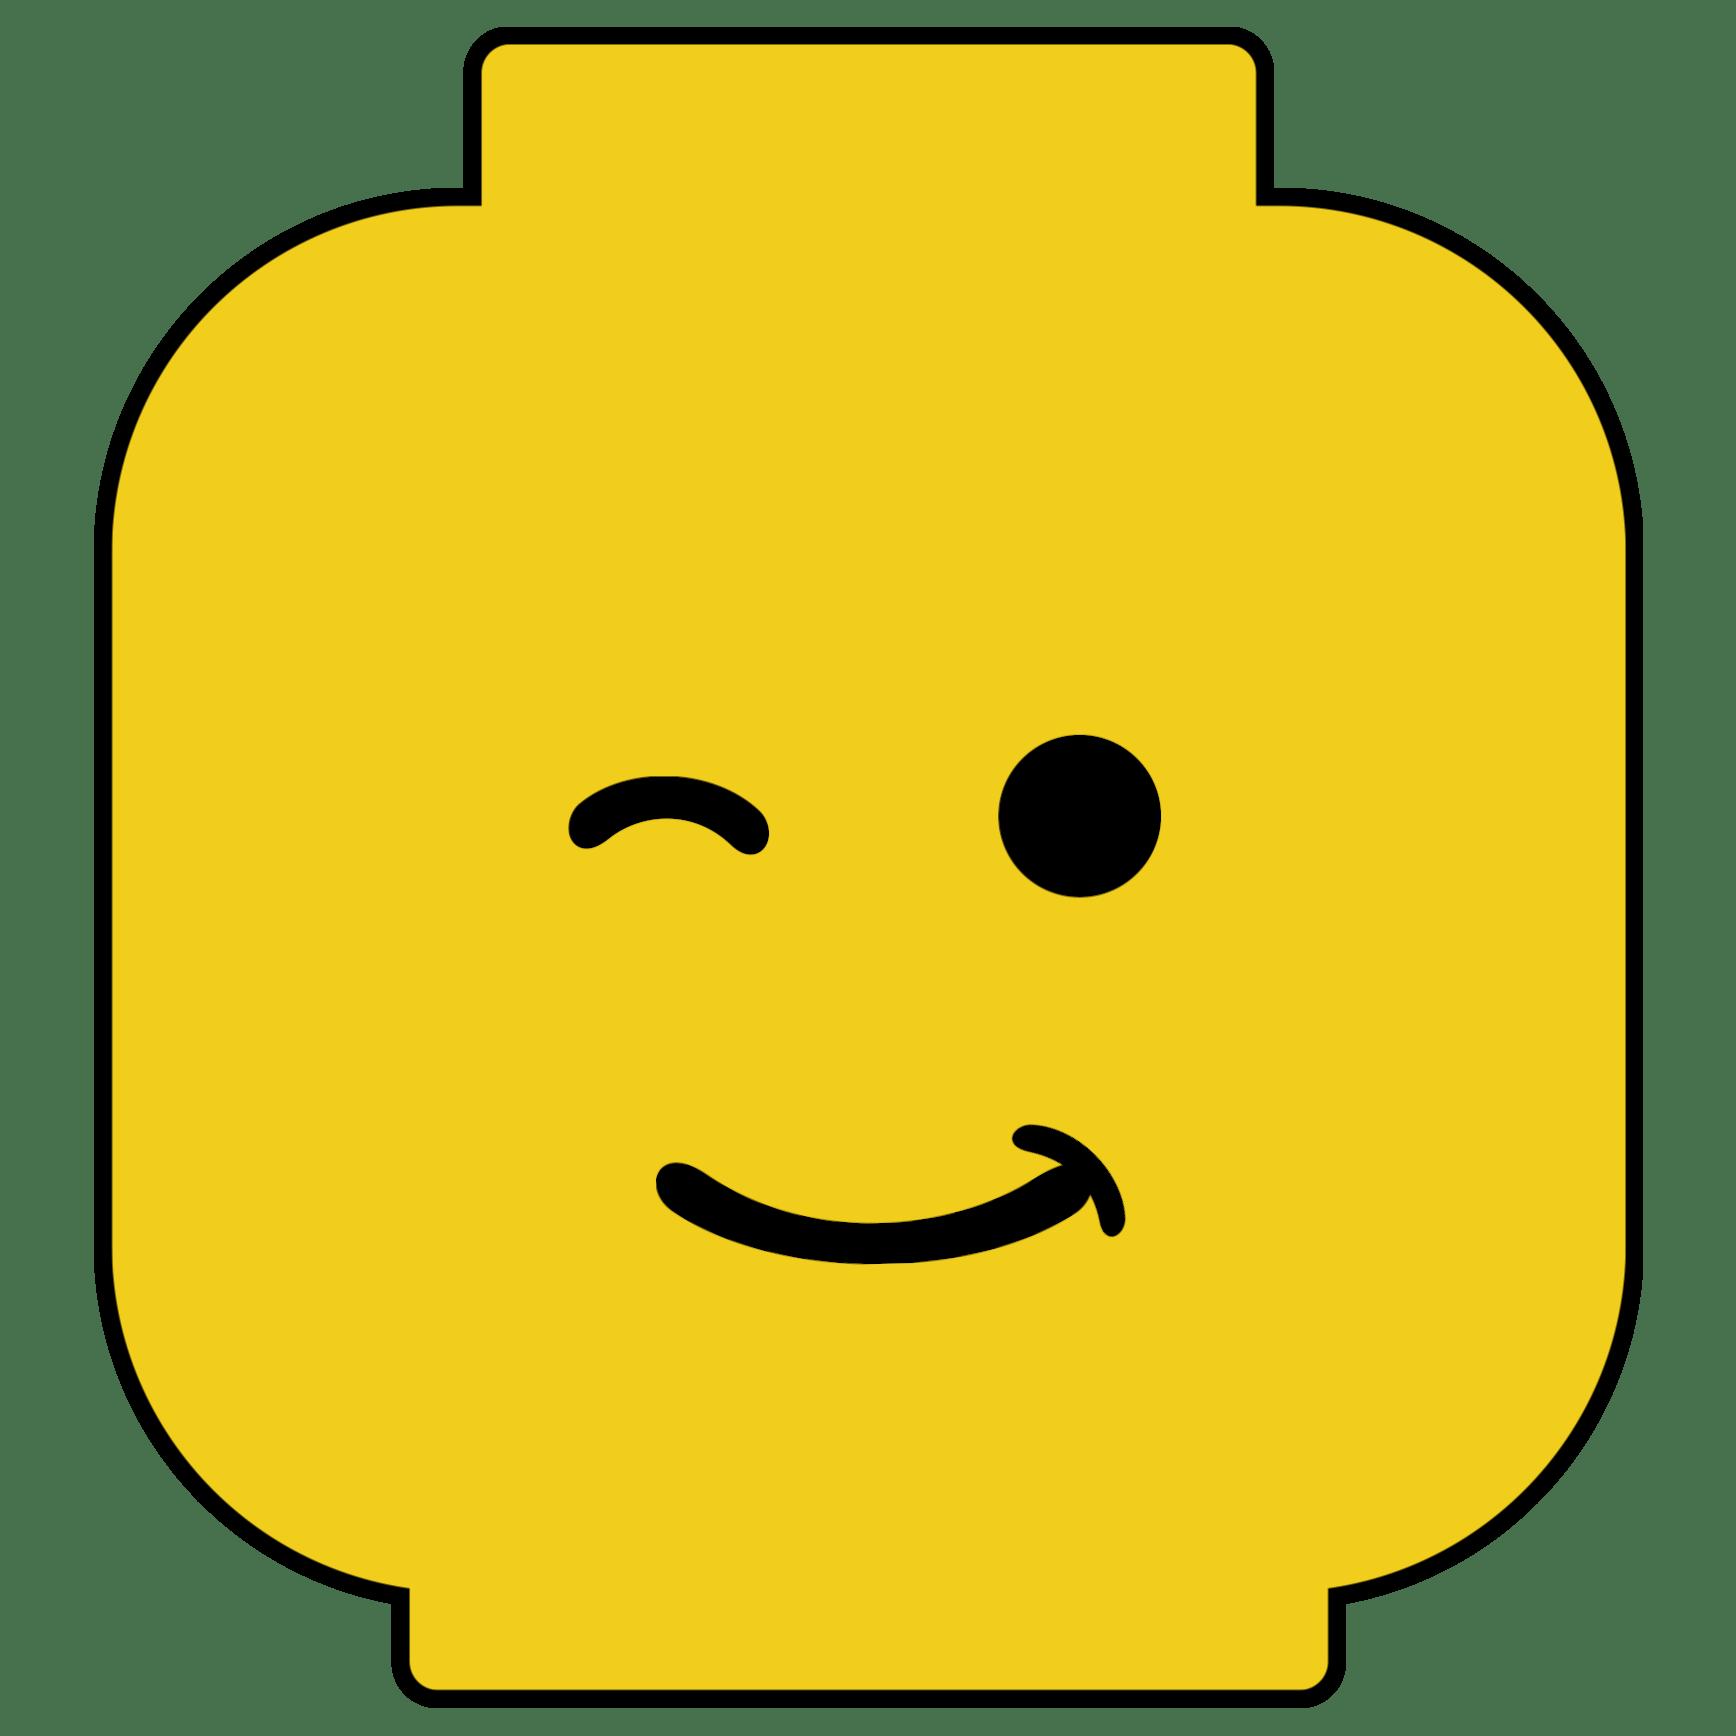 Lego Man Vector